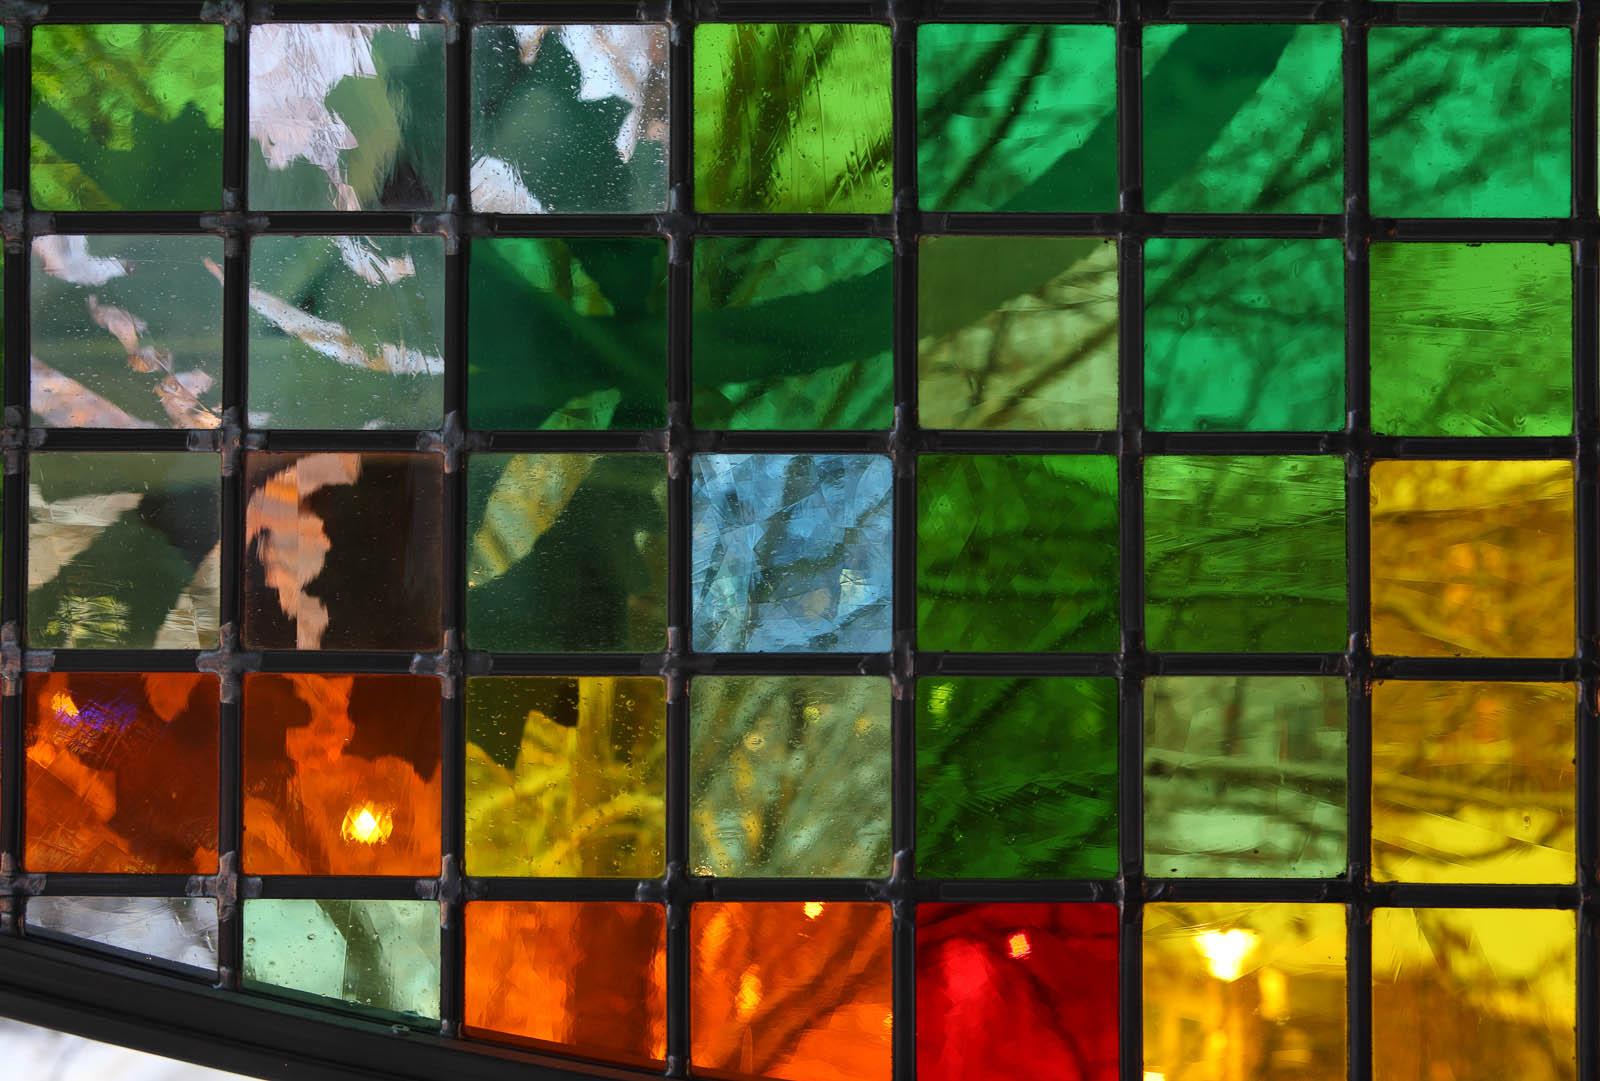 Detalj av flerfärgad mosaikskärm. Kristoffer Zetterstrand, In Vitro (2012)